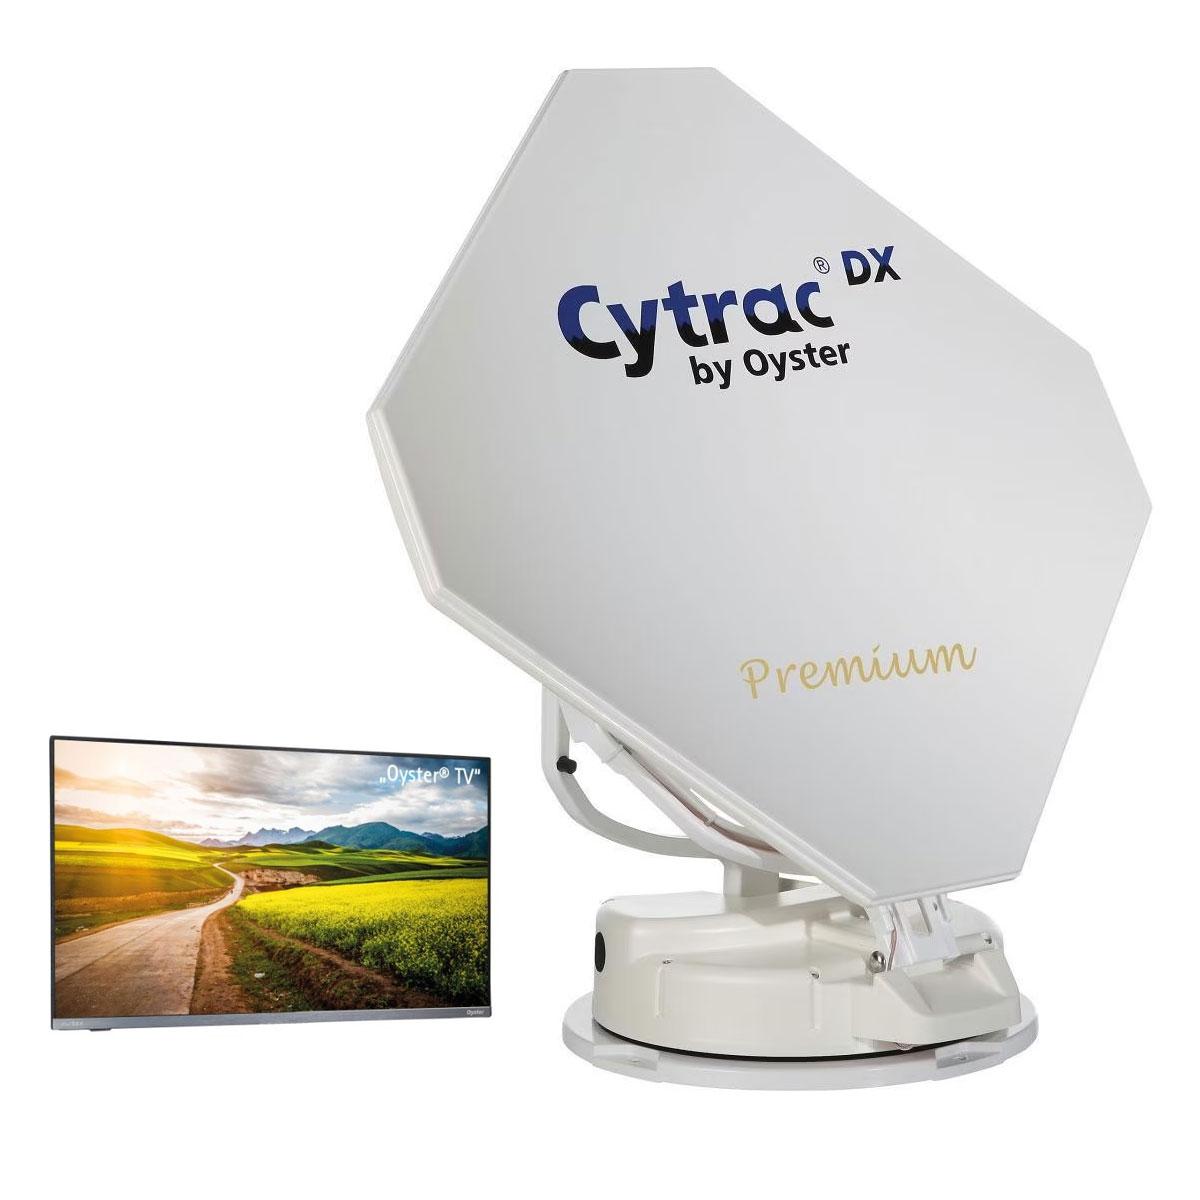 Automatische Sat Anlage CYTRAC DX Premium Single LNB mit TV Gerät 24